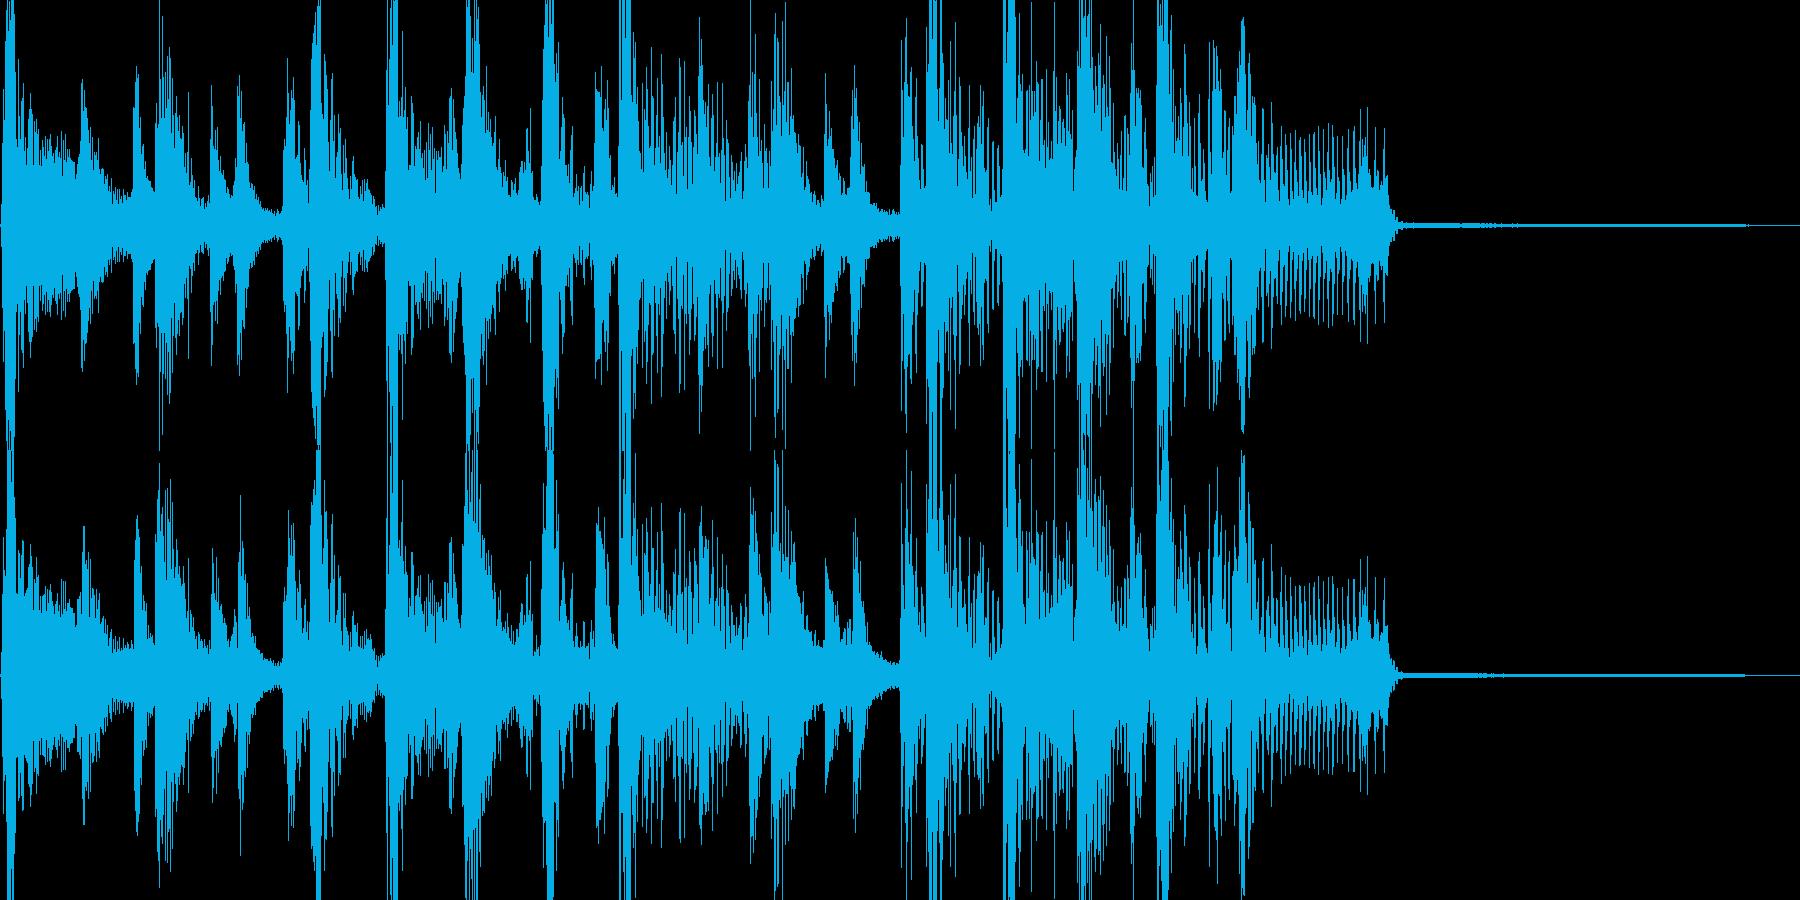 大坂おばちゃんのファンキーなジングルの再生済みの波形